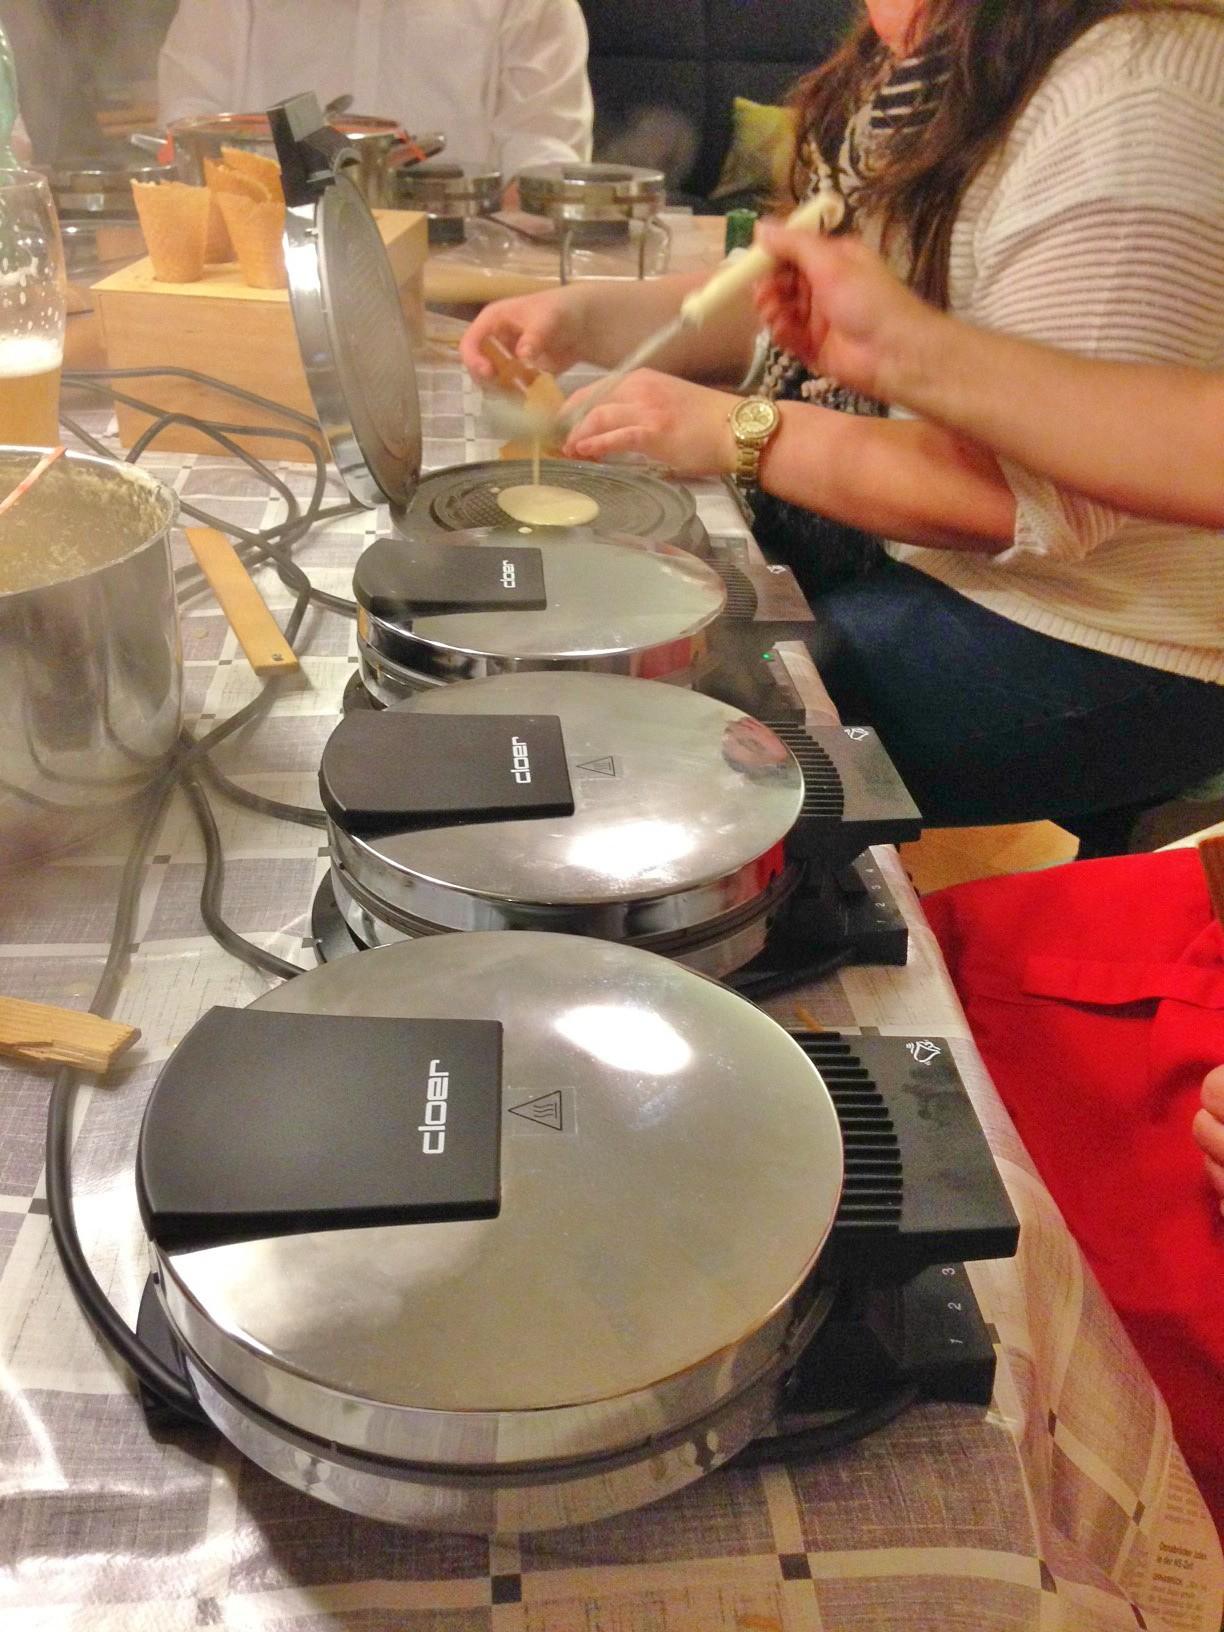 Das dampft: Insgesamt 12 Waffeleisen kommen bei den Speller Piepkuchenbäckern zum Einsatz.